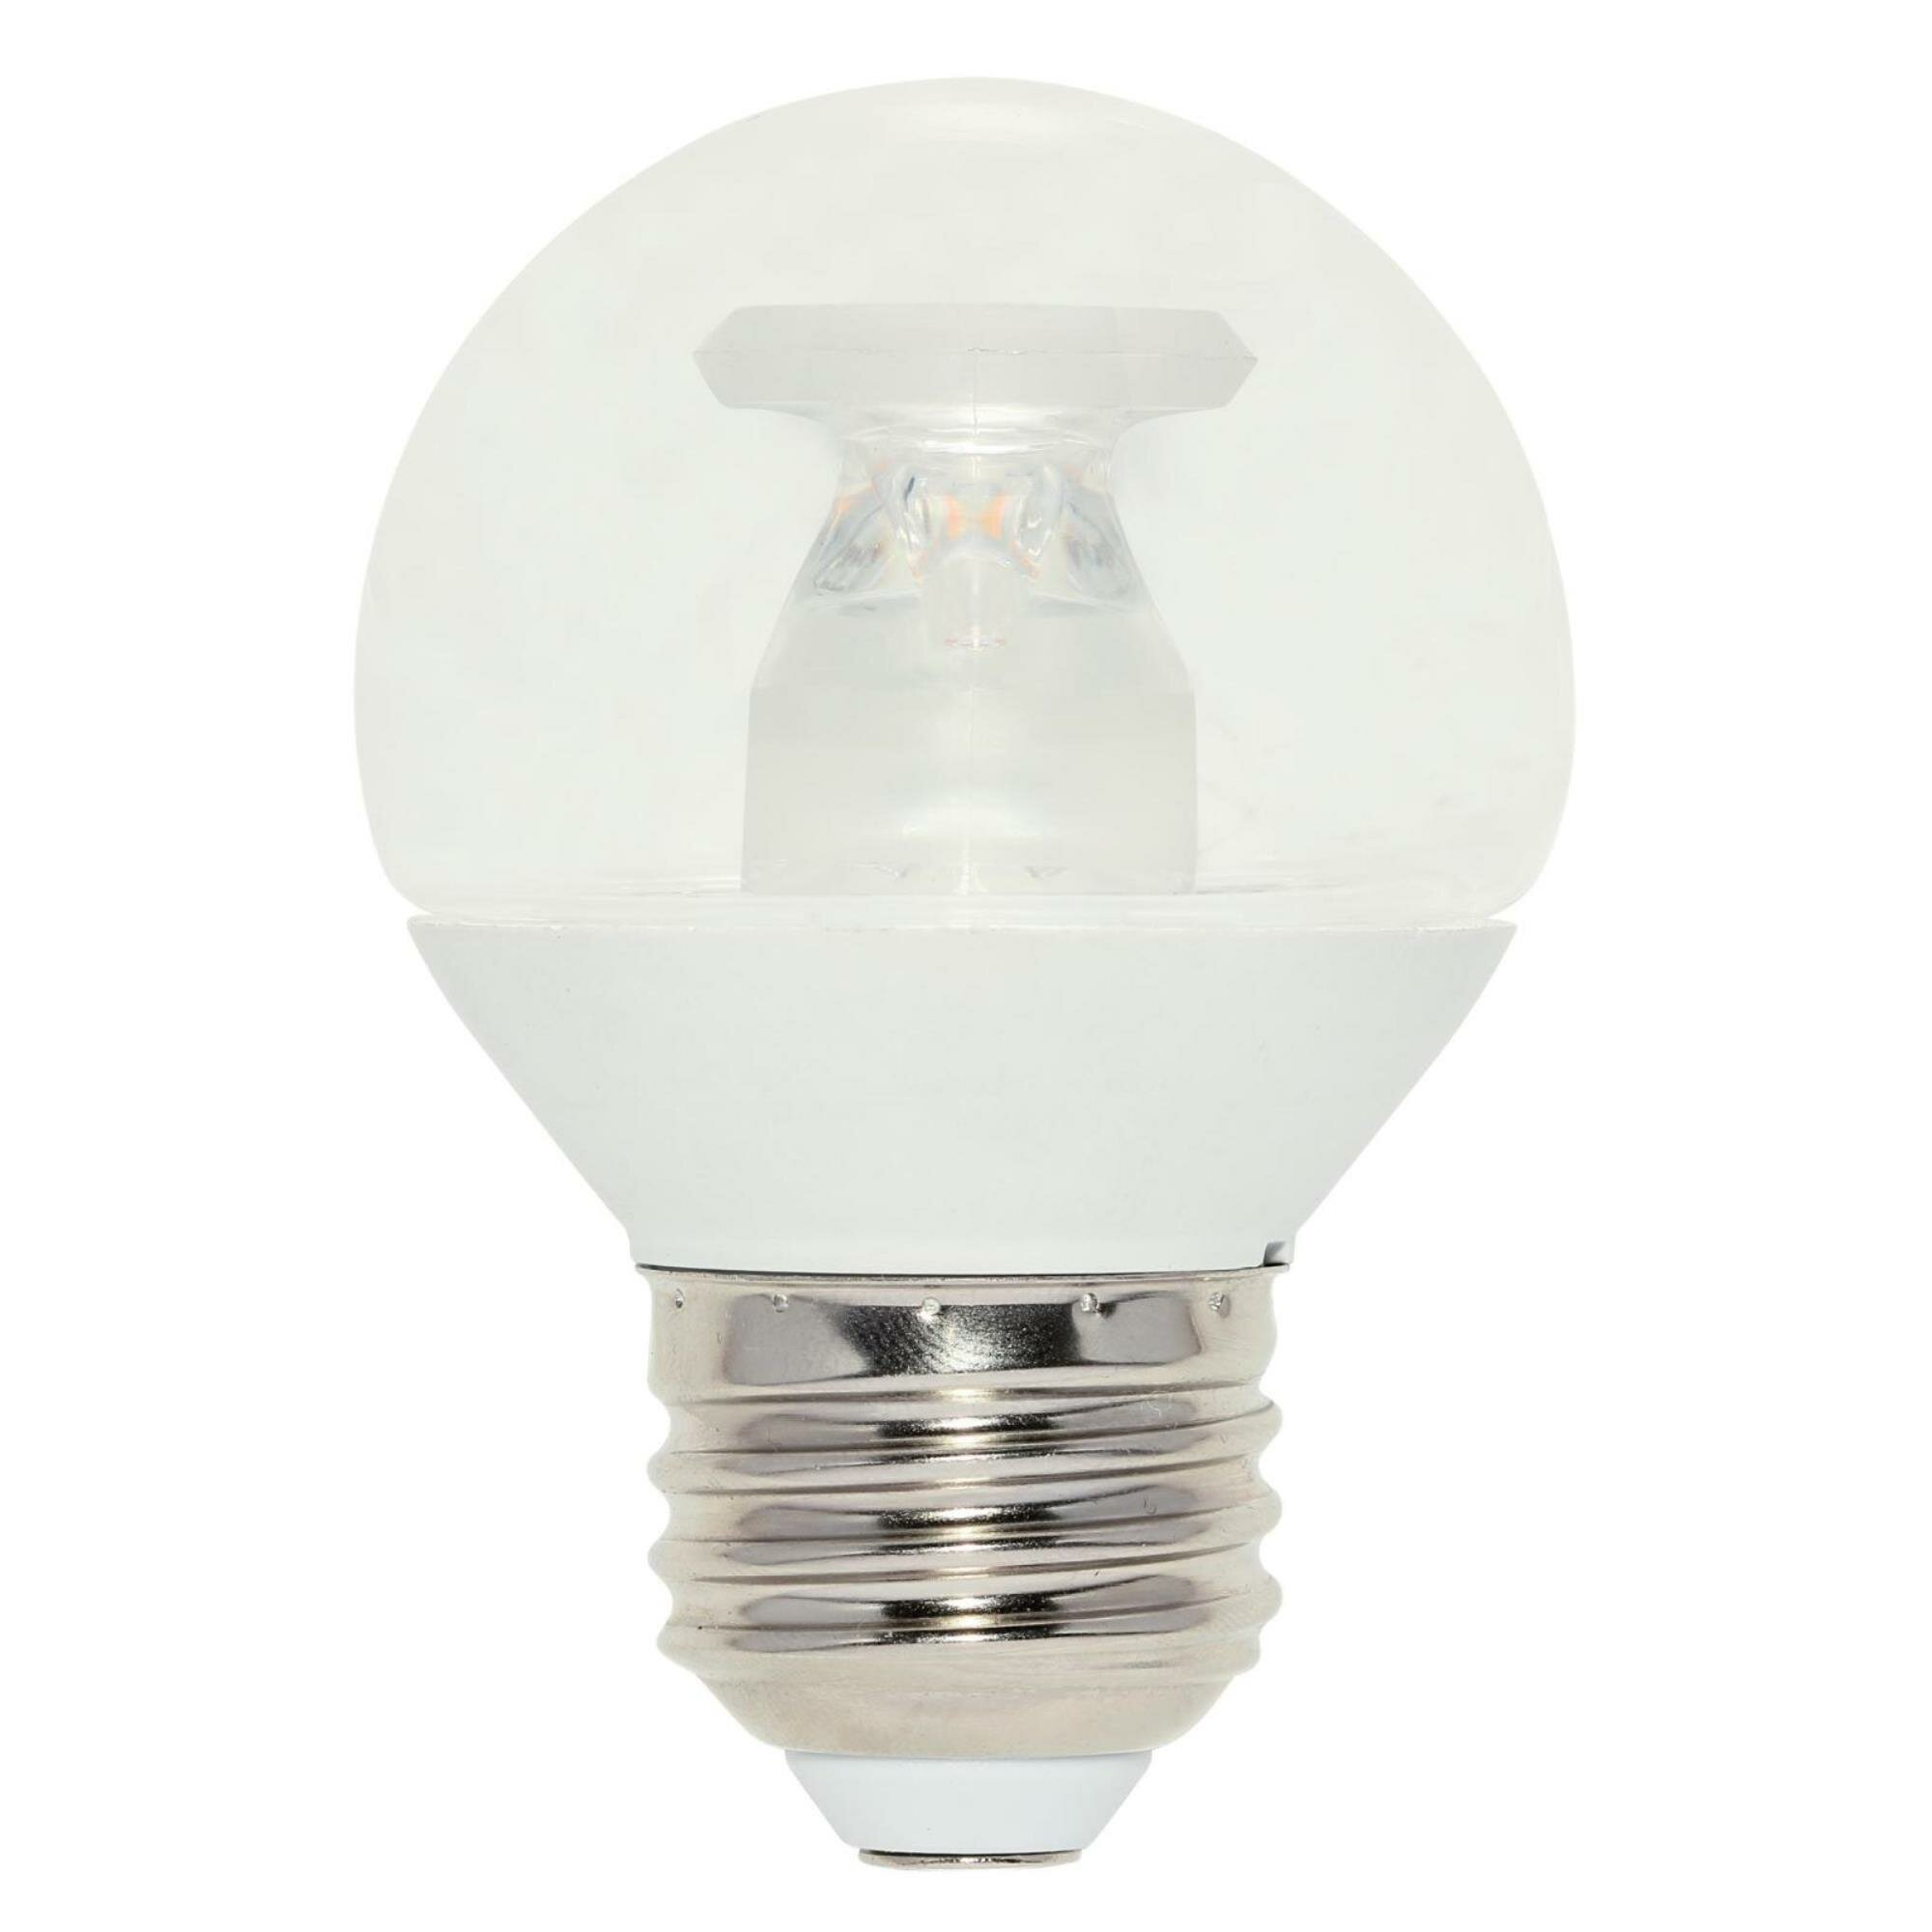 Westinghouse Lighting 60 Watt Equivalent G16 5 Led Dimmable Light Bulb Warm White 2700k E26 Base Wayfair